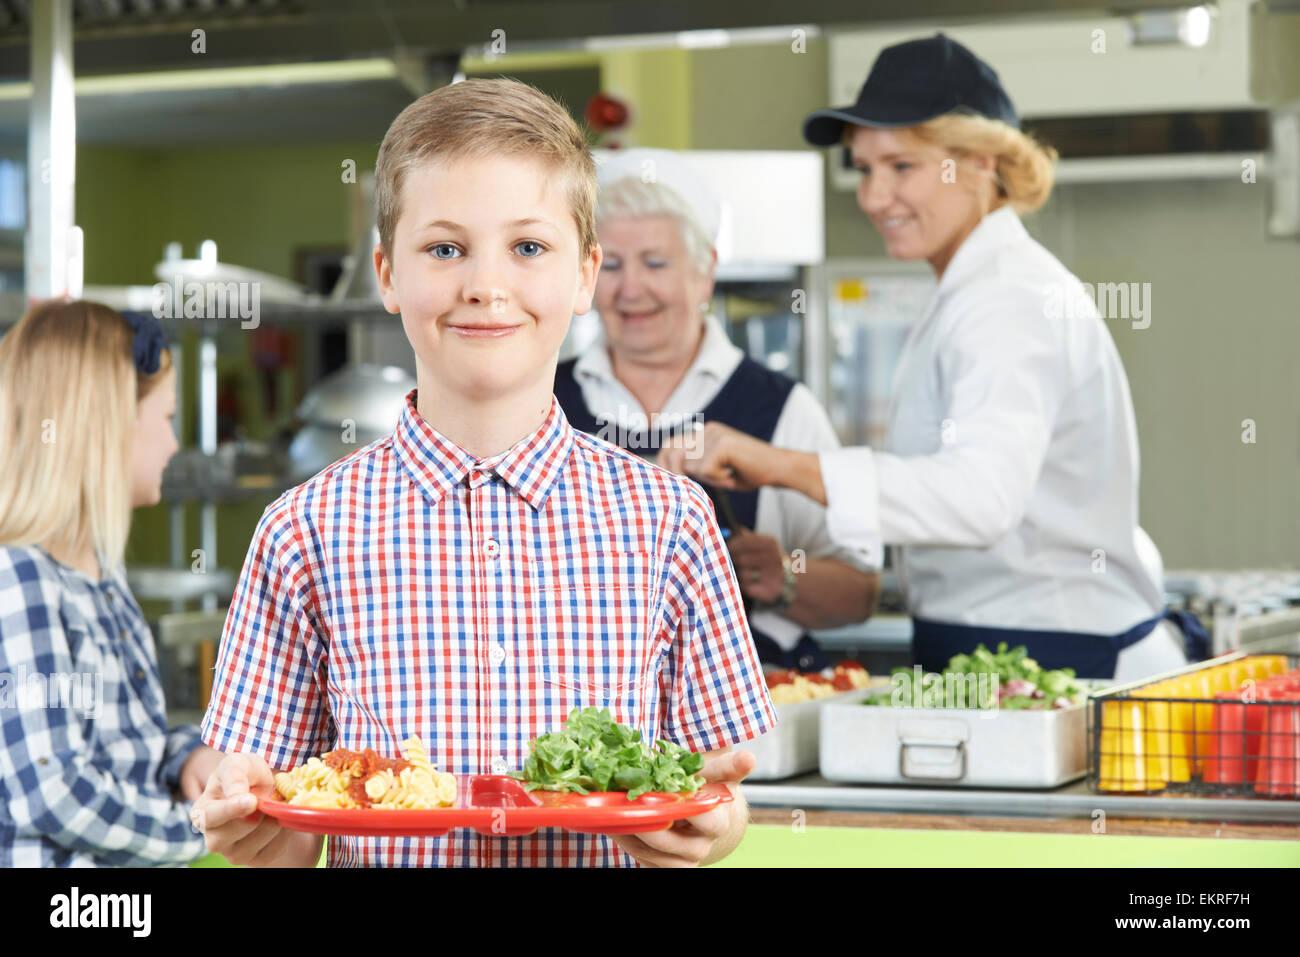 Élève de sexe masculin en bonne santé avec le déjeuner dans la cafétéria de l'école Photo Stock